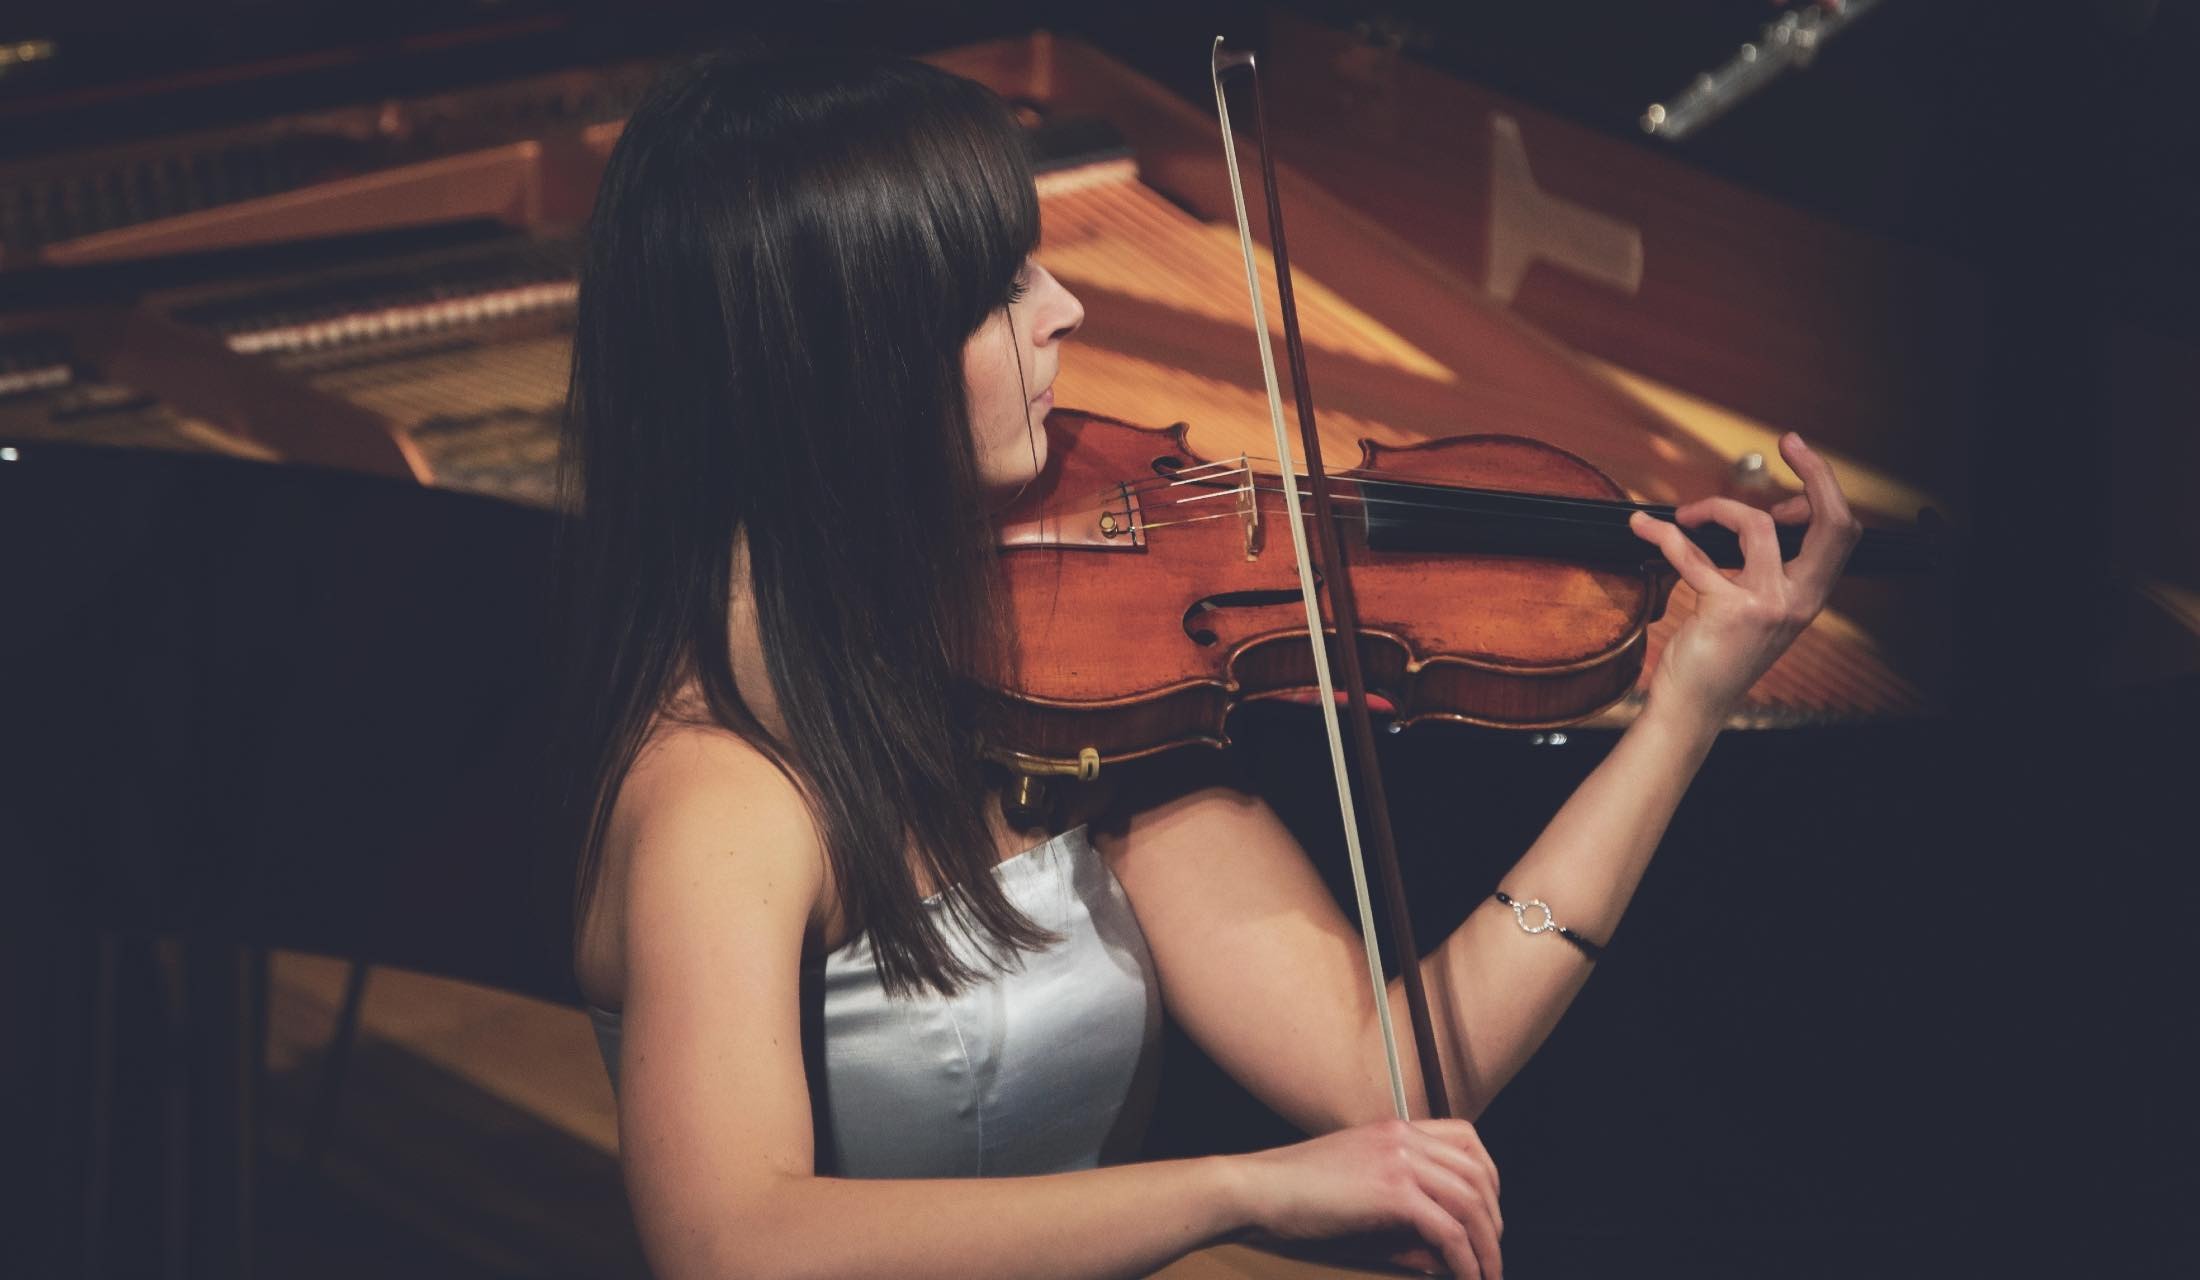 1938年12月に、歌舞伎座で行われた新交響楽団の特別演奏会